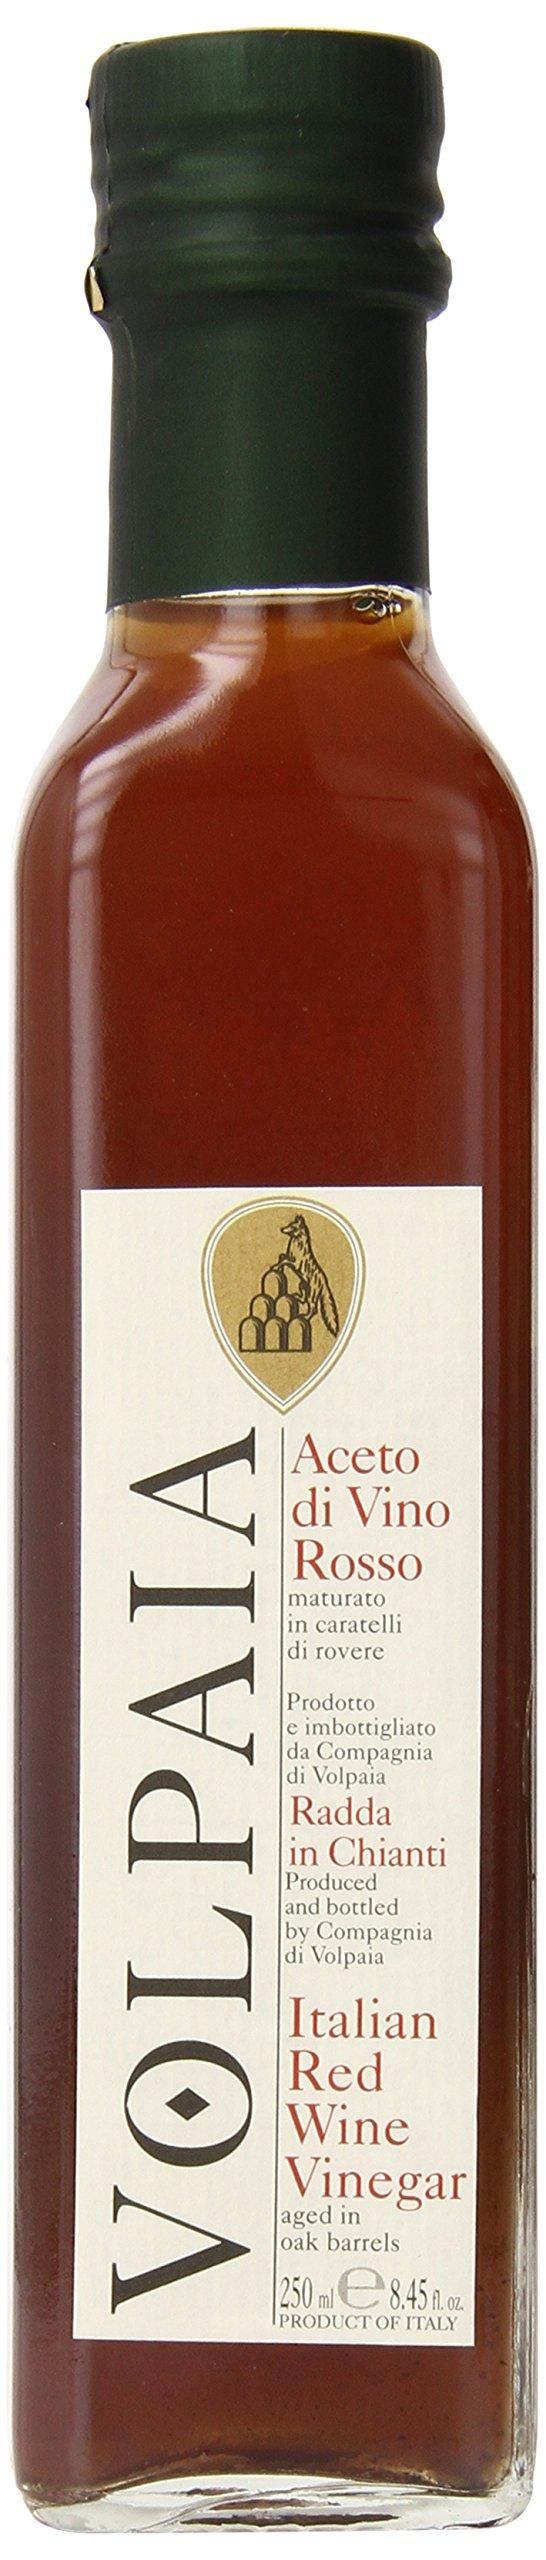 Costello Di Volpaia Tuscany Red Wine Vinegar, 8.8 Fluid Ounces